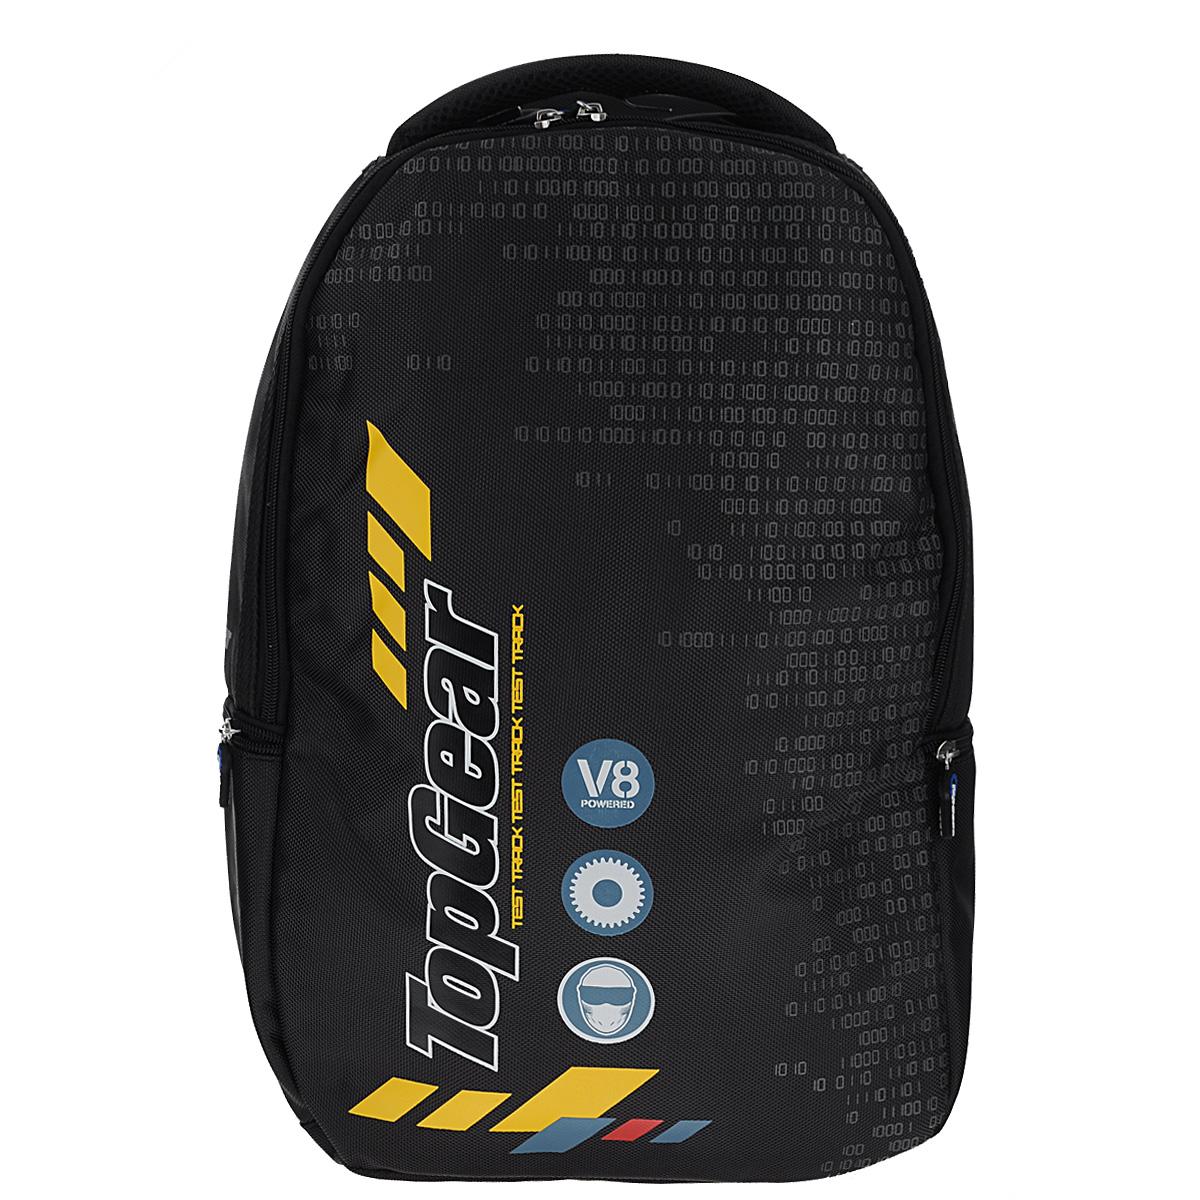 Рюкзак молодежный Proff Top Gear, цвет: черныйTG15-BPA-12Рюкзак молодежный Proff Top Gear сочетает в себе современный дизайн, функциональность и долговечность. Он выполнен из водонепроницаемого, морозоустойчивого материла черного цвета. Содержит одно вместительное отделение, закрывающееся на пластиковый замок-молнию с двумя бегунками. Бегунки застежки дополнены прорезиненными держателями. Внутри отделения имеются пять накладных горизонтальных открытых кармашка, два кармашка на молнии, один из которых карман-сеточка. Также имеется брелок для ключей. Рюкзак имеет два вшитых боковых кармана, закрывающиеся на молнии. Конструкция спинки дополнена двумя эргономичными подушечками, противоскользящей сеточкой для предотвращения запотевания спины. Мягкие широкие лямки позволяют легко и быстро отрегулировать рюкзак в соответствии с ростом. Рюкзак оснащен удобной текстильной ручкой для переноски в руке. Под ручкой находится небольшой кармашек с мягкой подкладкой, который можно использовать для небольшого мобильного телефона. Этот рюкзак можно...